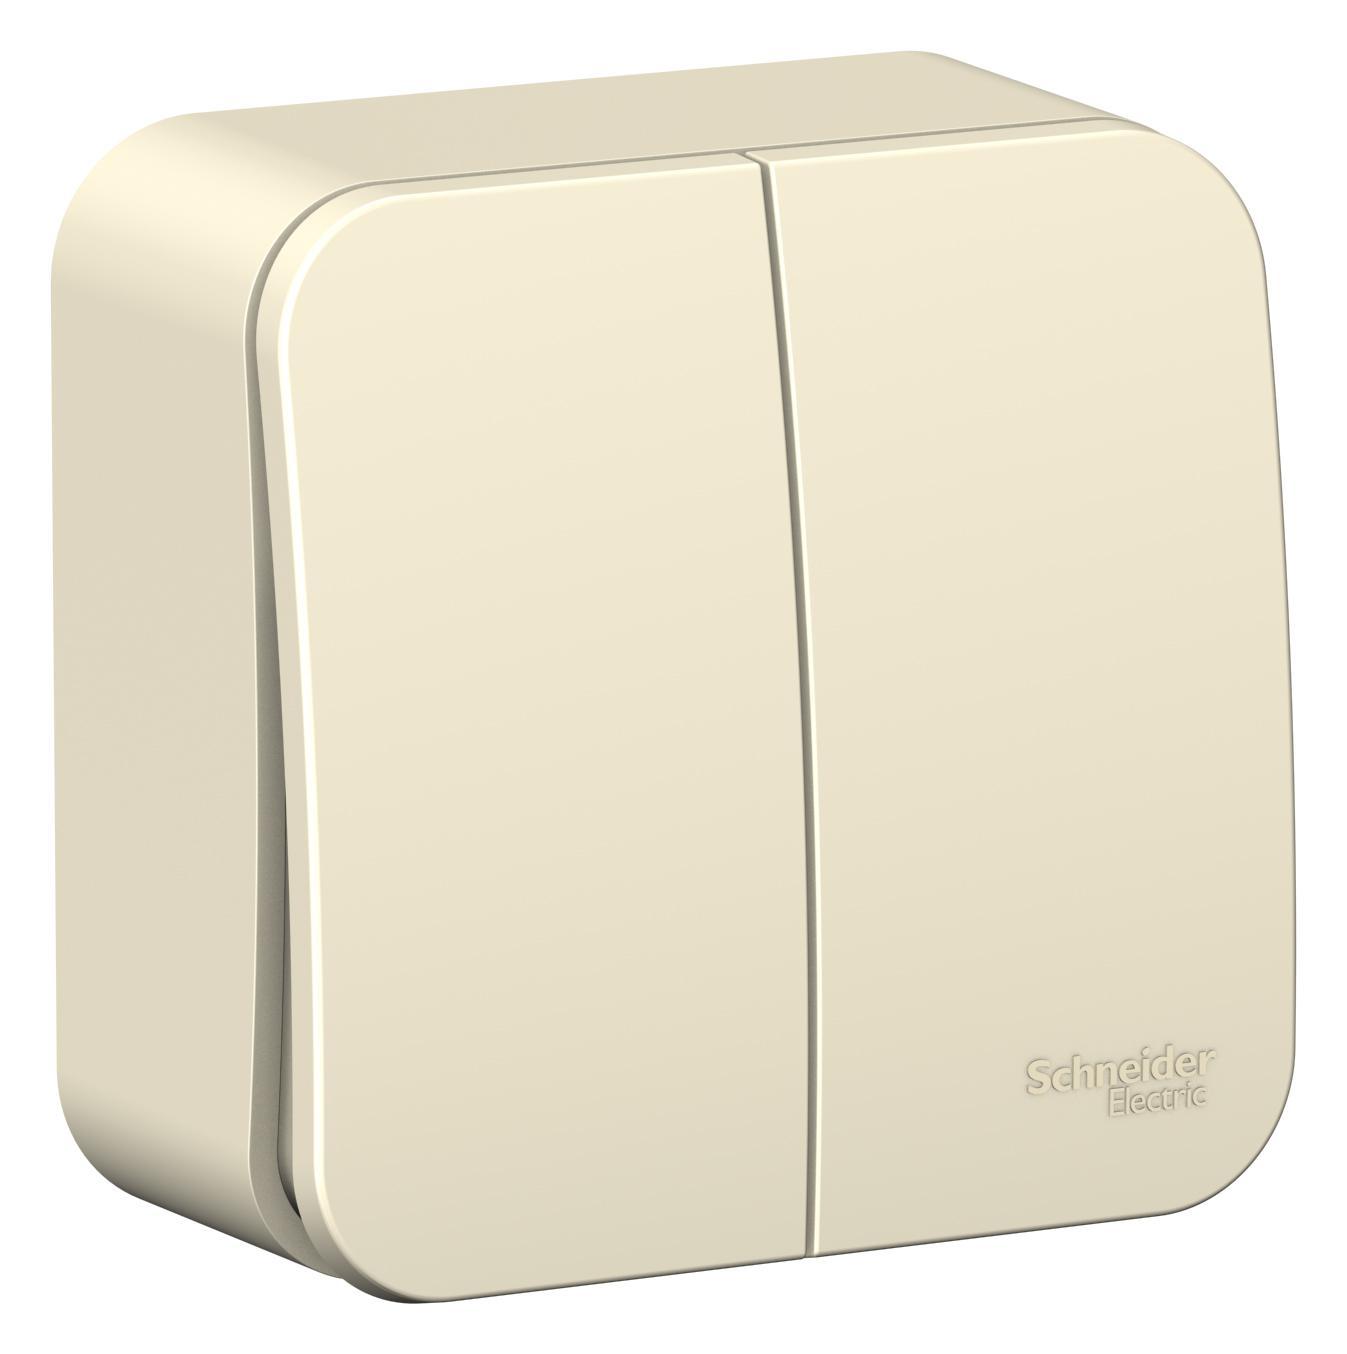 Выключатель Schneider electric Blnva105002 blanca выключатель schneider electric blnva105014 blanca